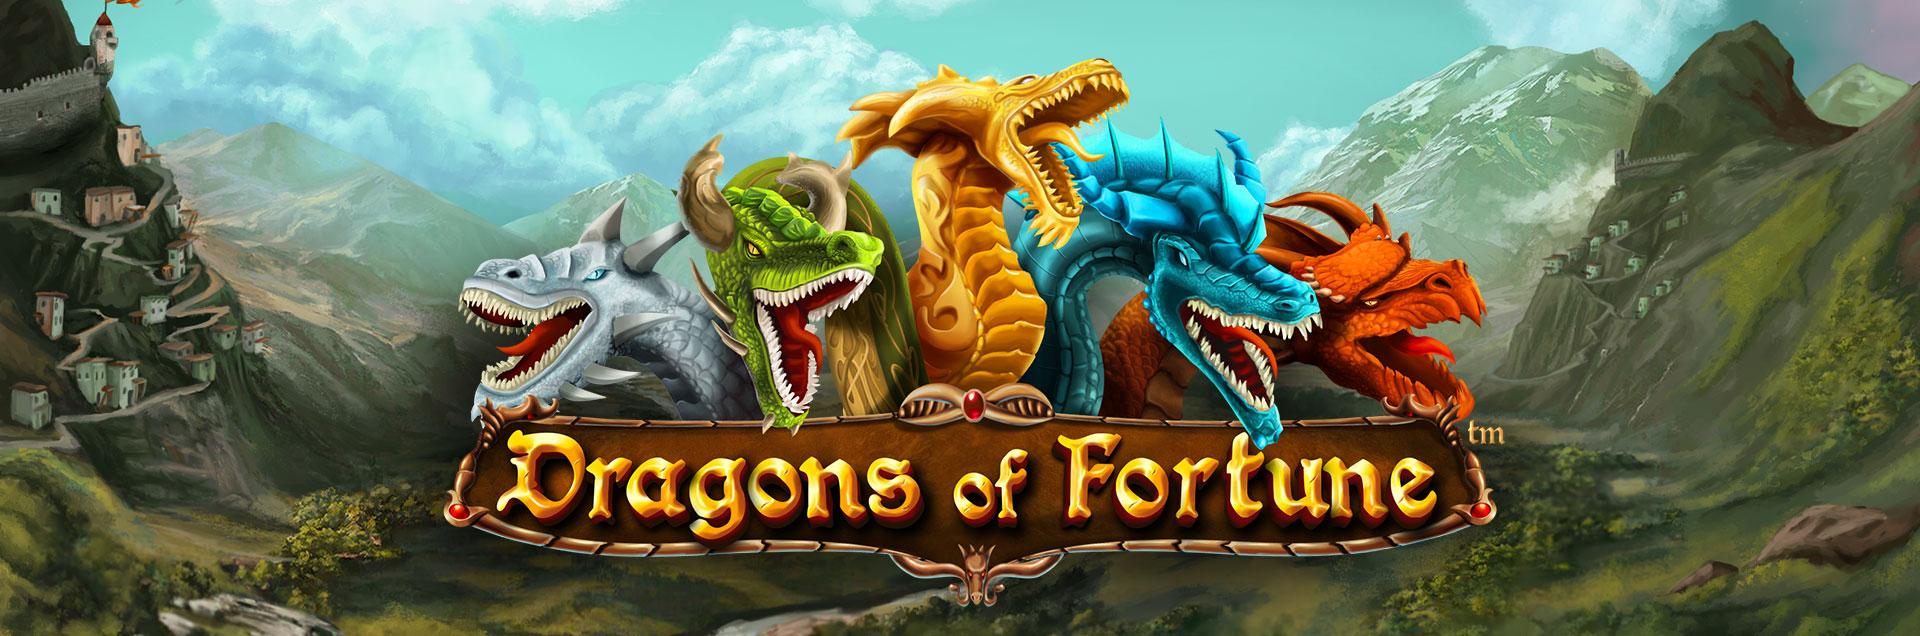 Dragons logo header